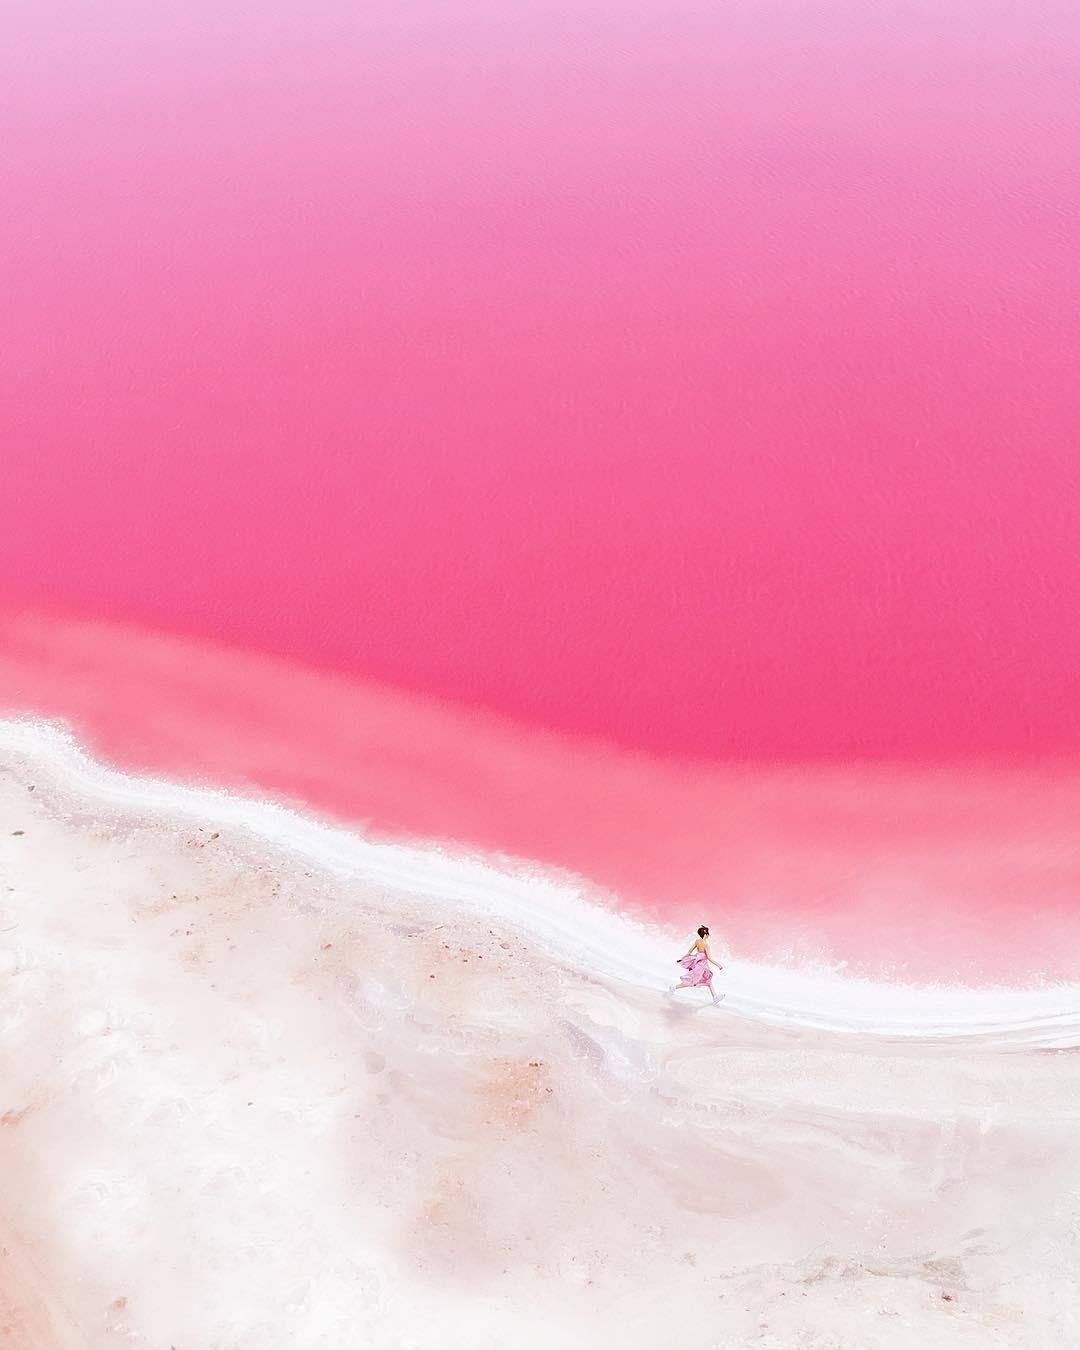 Tương truyền rằng chàng trai nào dẫn bạn gái đến hồ nước màu hồng siêu ảo này sẽ được cô ấy yêu trọn đời - Ảnh 4.